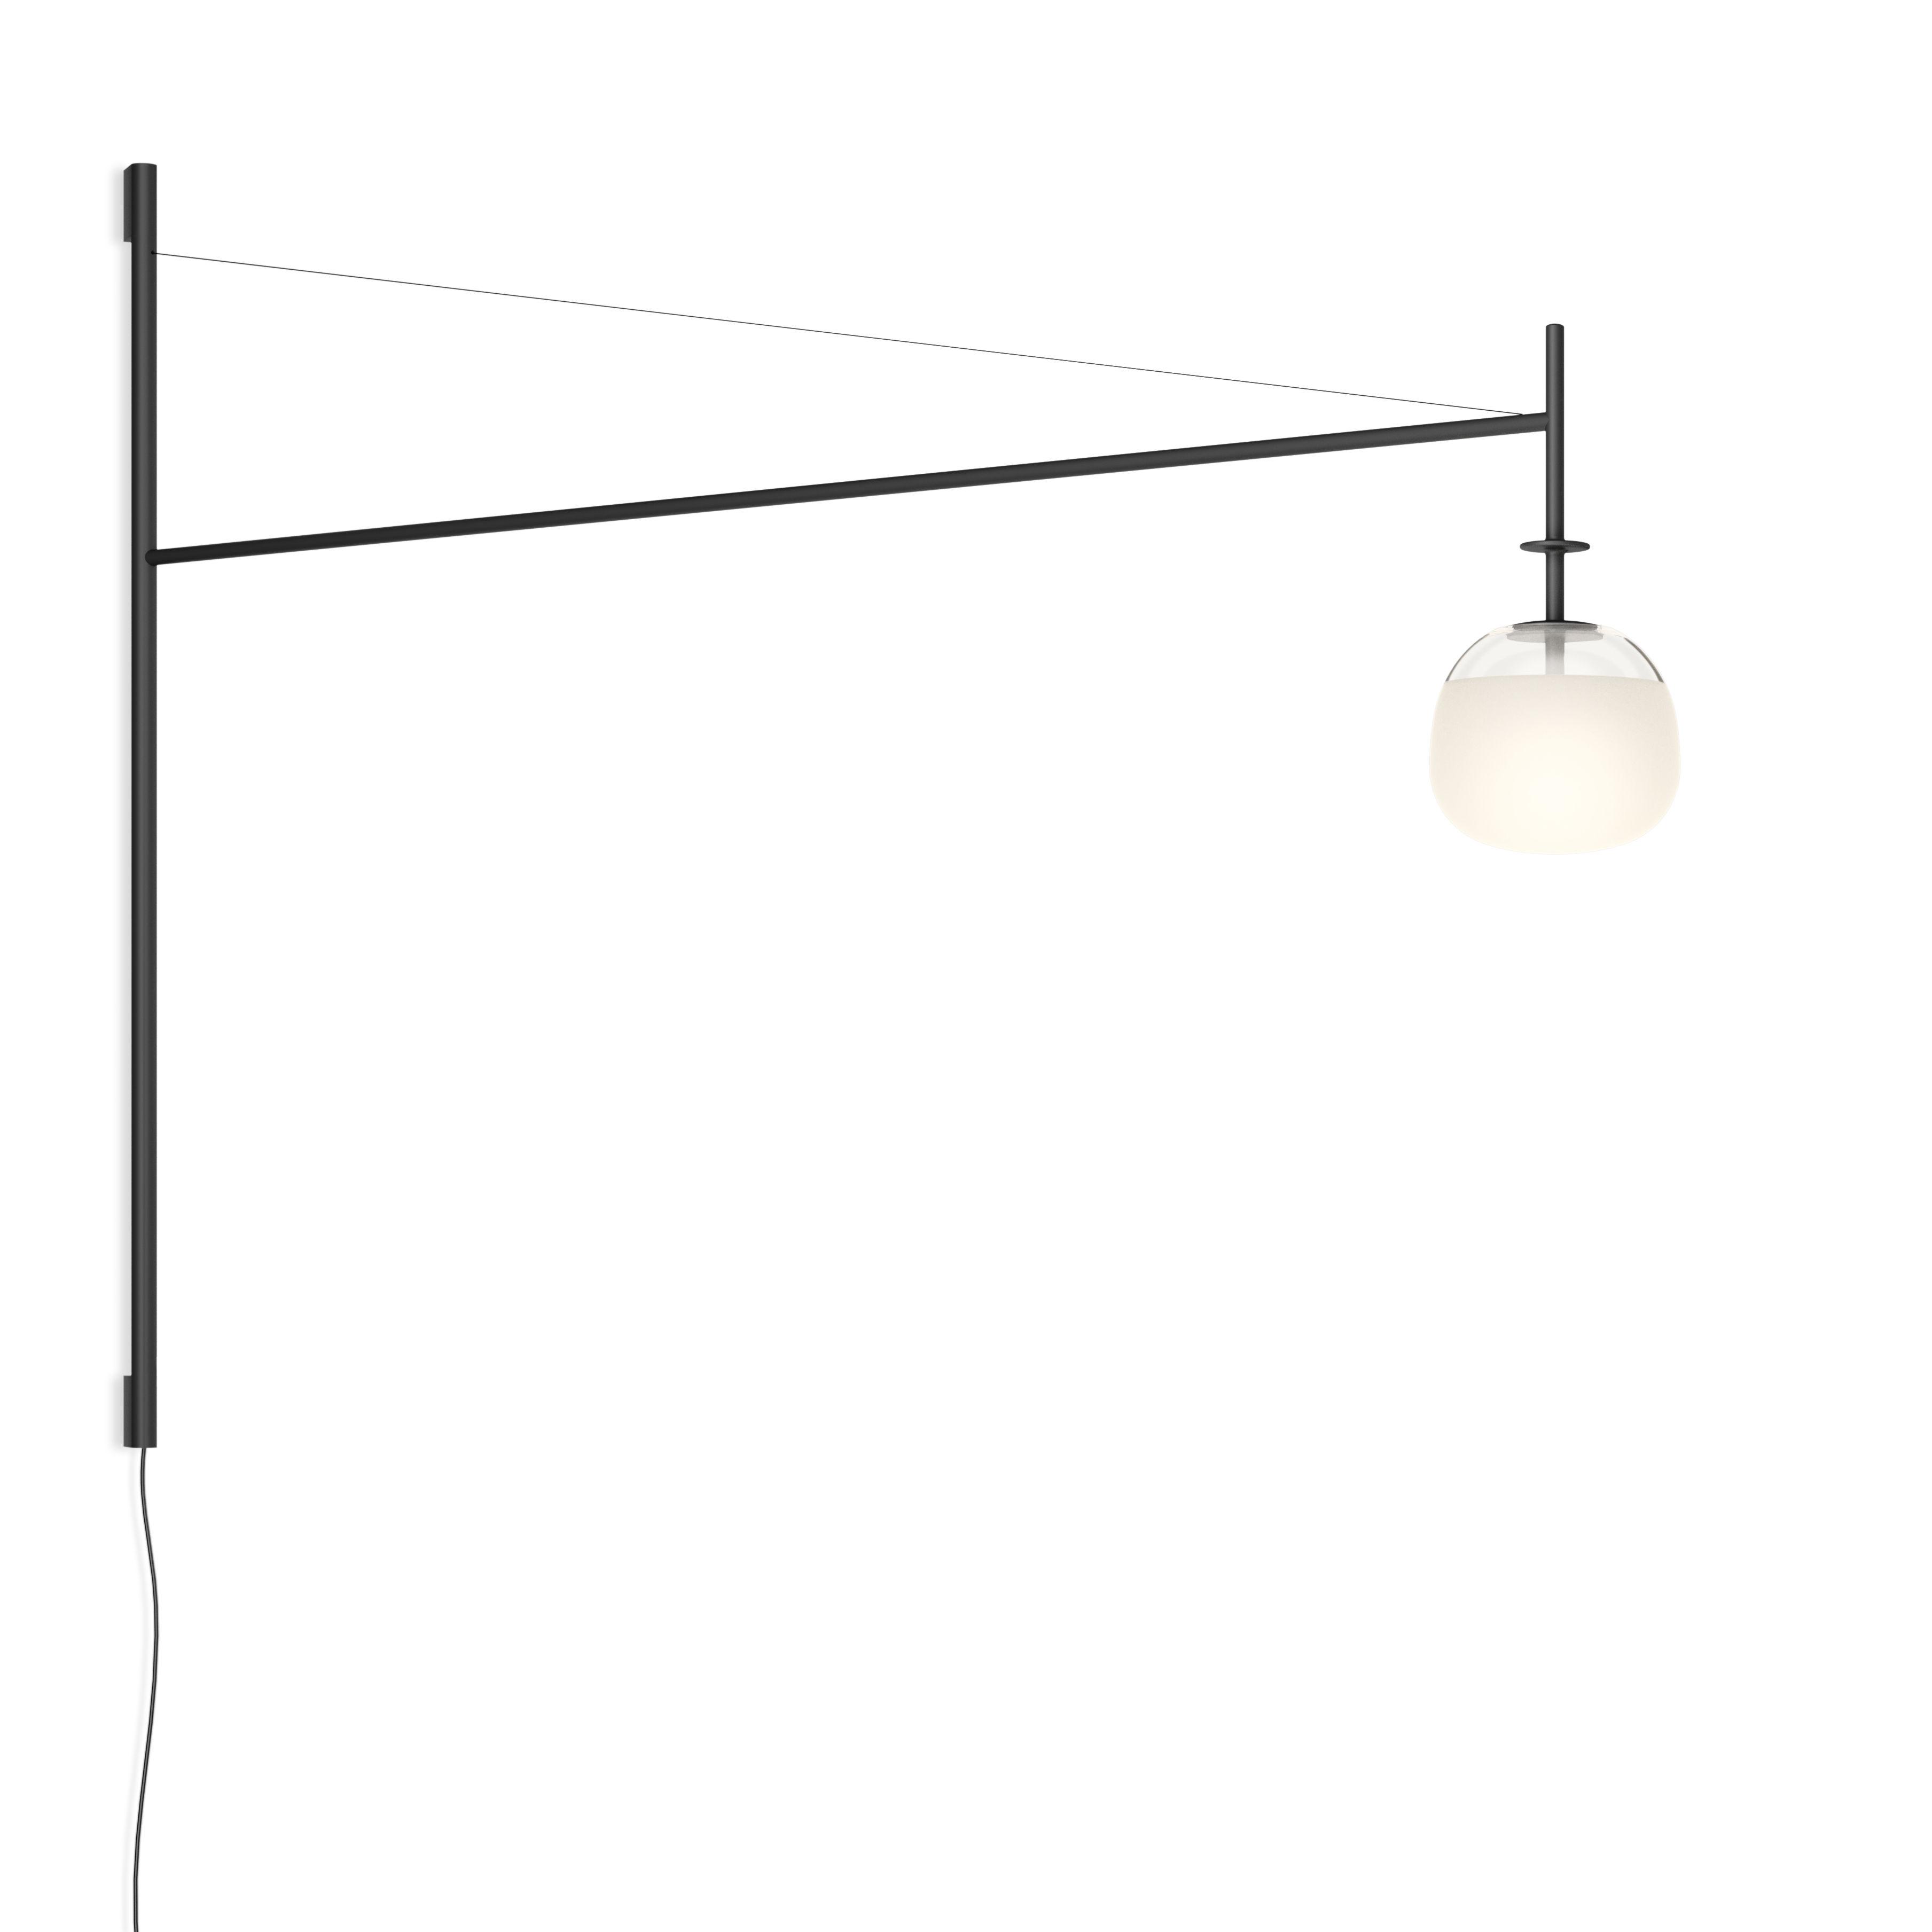 Illuminazione - Lampade da parete - Applique con presa Tempo Globe - / LED - Braccio girevole L 116 cm di Vibia - Globo / Grigio grafite - Acciaio laccato, Alluminio laccato, vetro soffiato